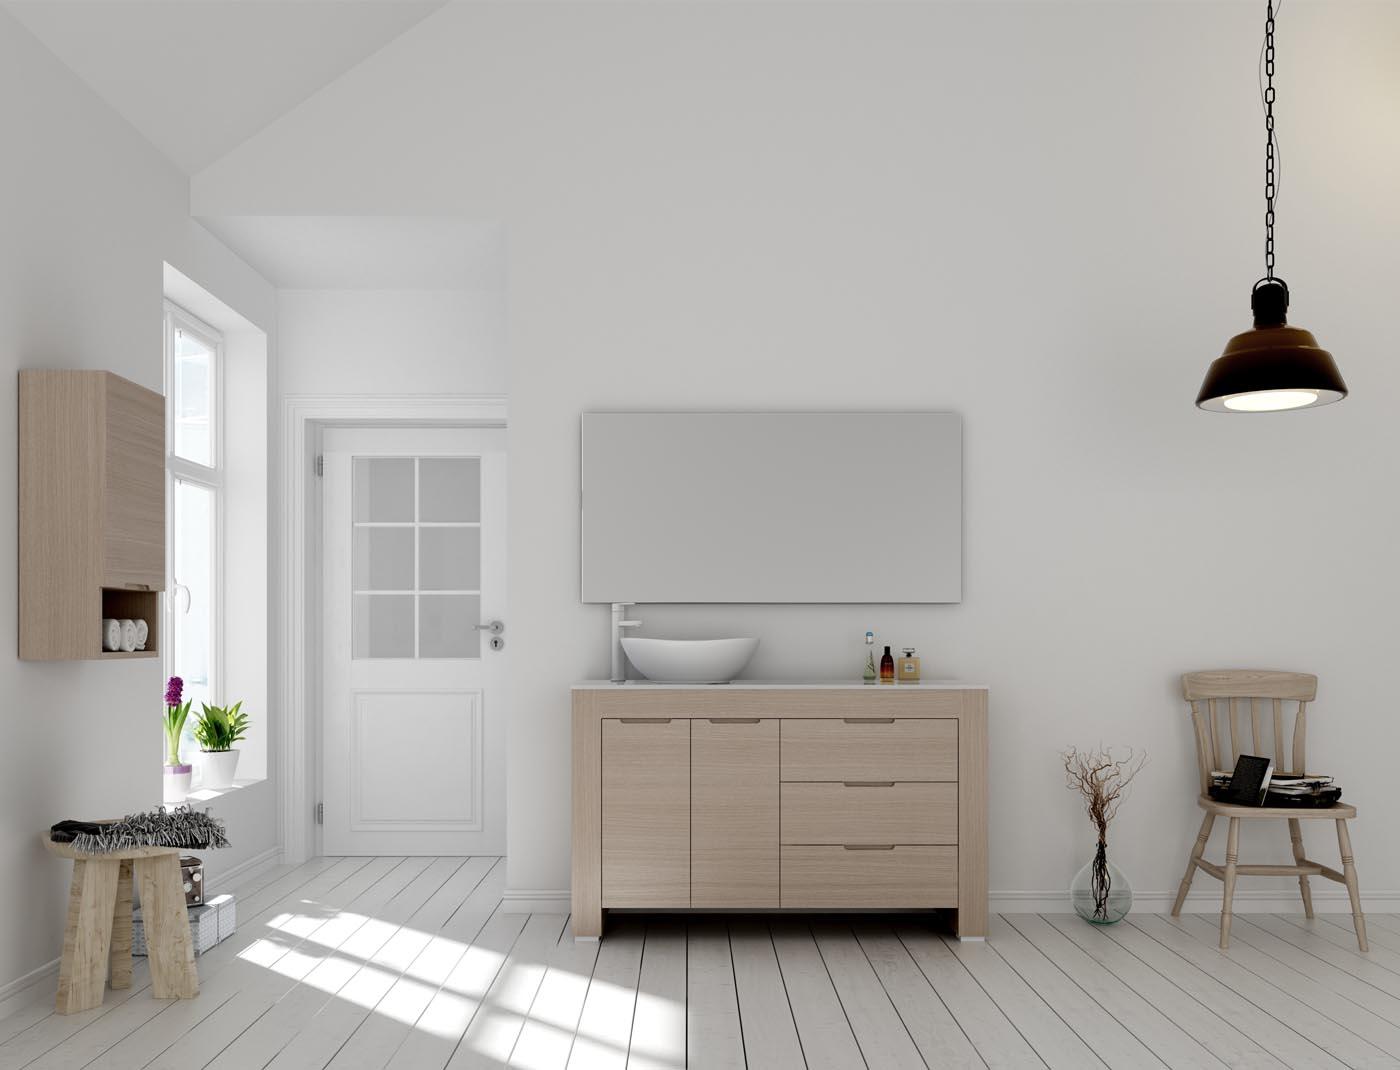 Genial catalogos muebles de ba o fotos muebles bano for Muebles de bano aki